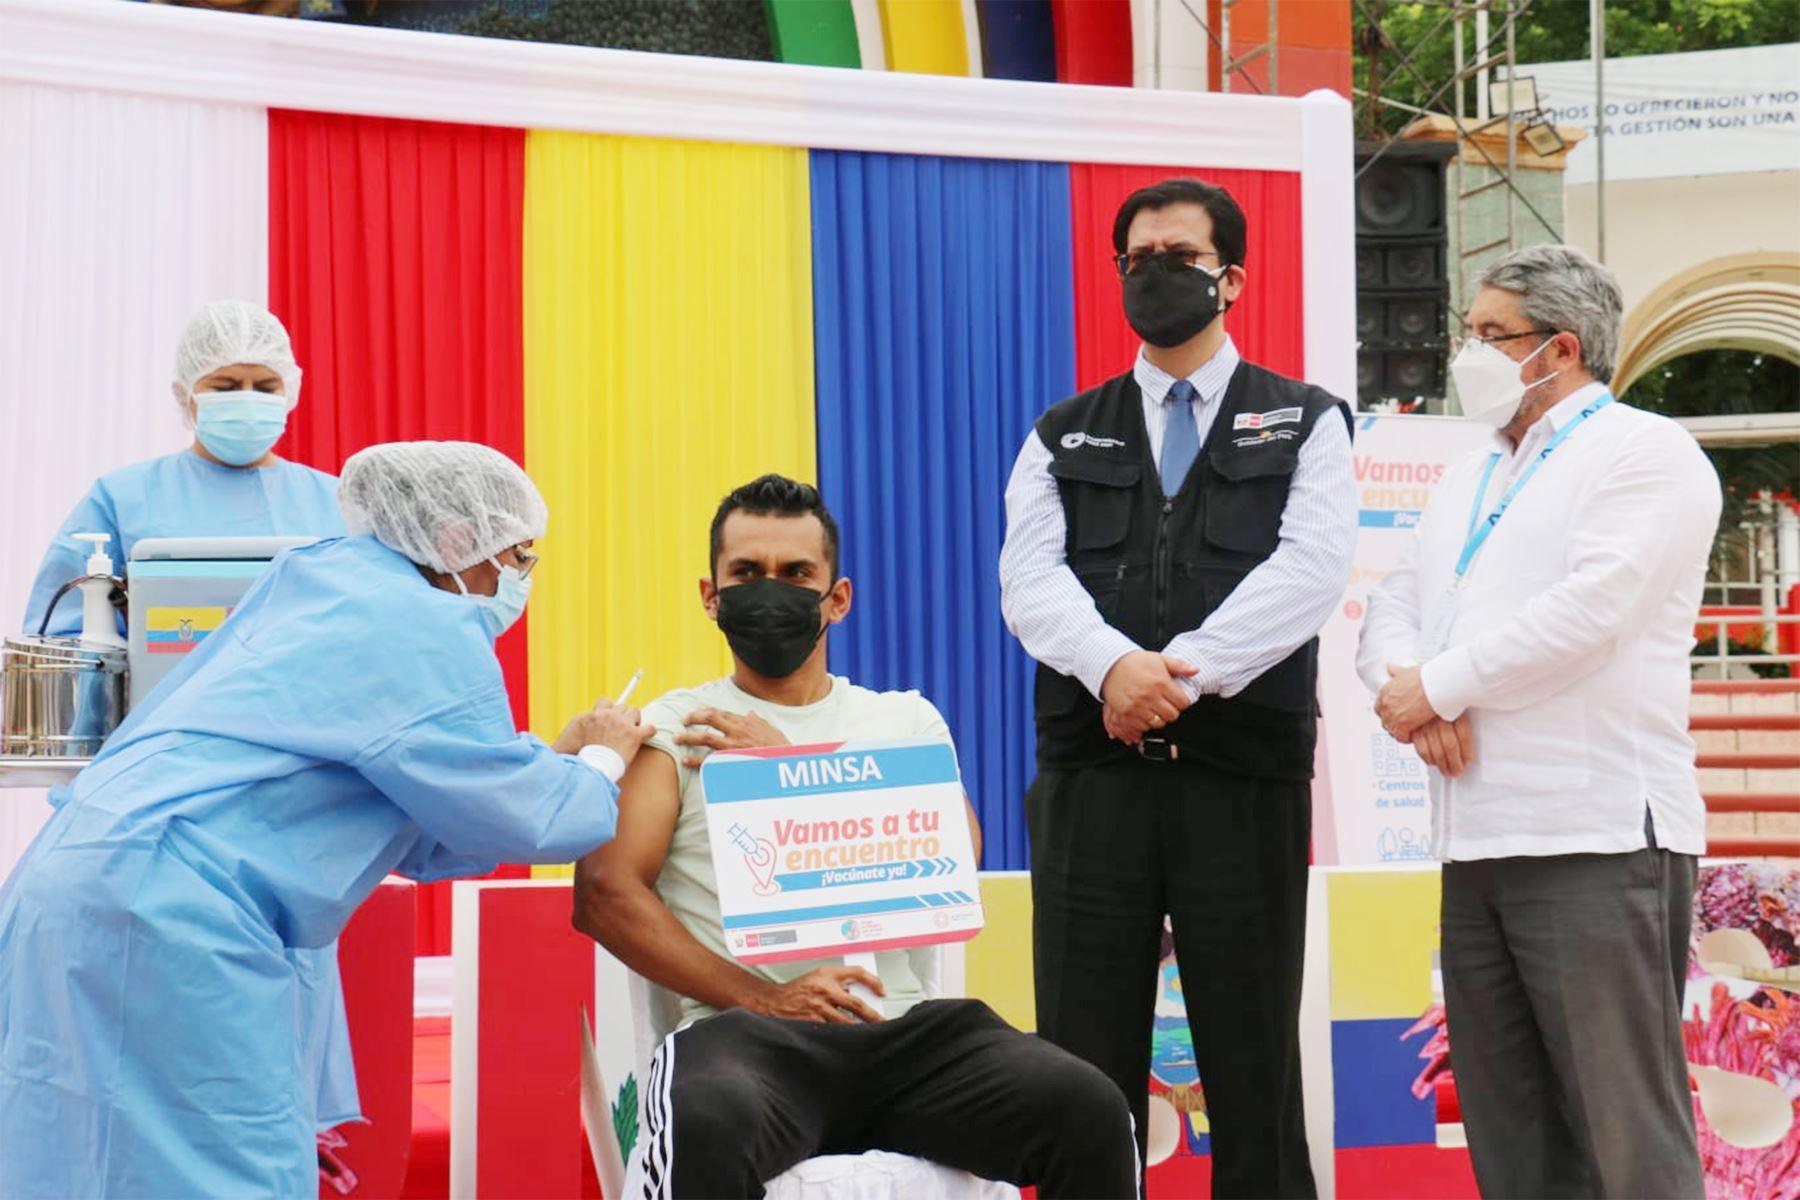 Hoy inicia la estrategia de vacunación binacional entre Perú y Ecuador que beneficiará a más de 94 000 personas en la región Tumbes. Son 336 000 dosis donadas por el gobierno de Ecuador, señaló el viceministro de Salud Pública, Gustavo Rosell. Foto: ANDINA/Minsa